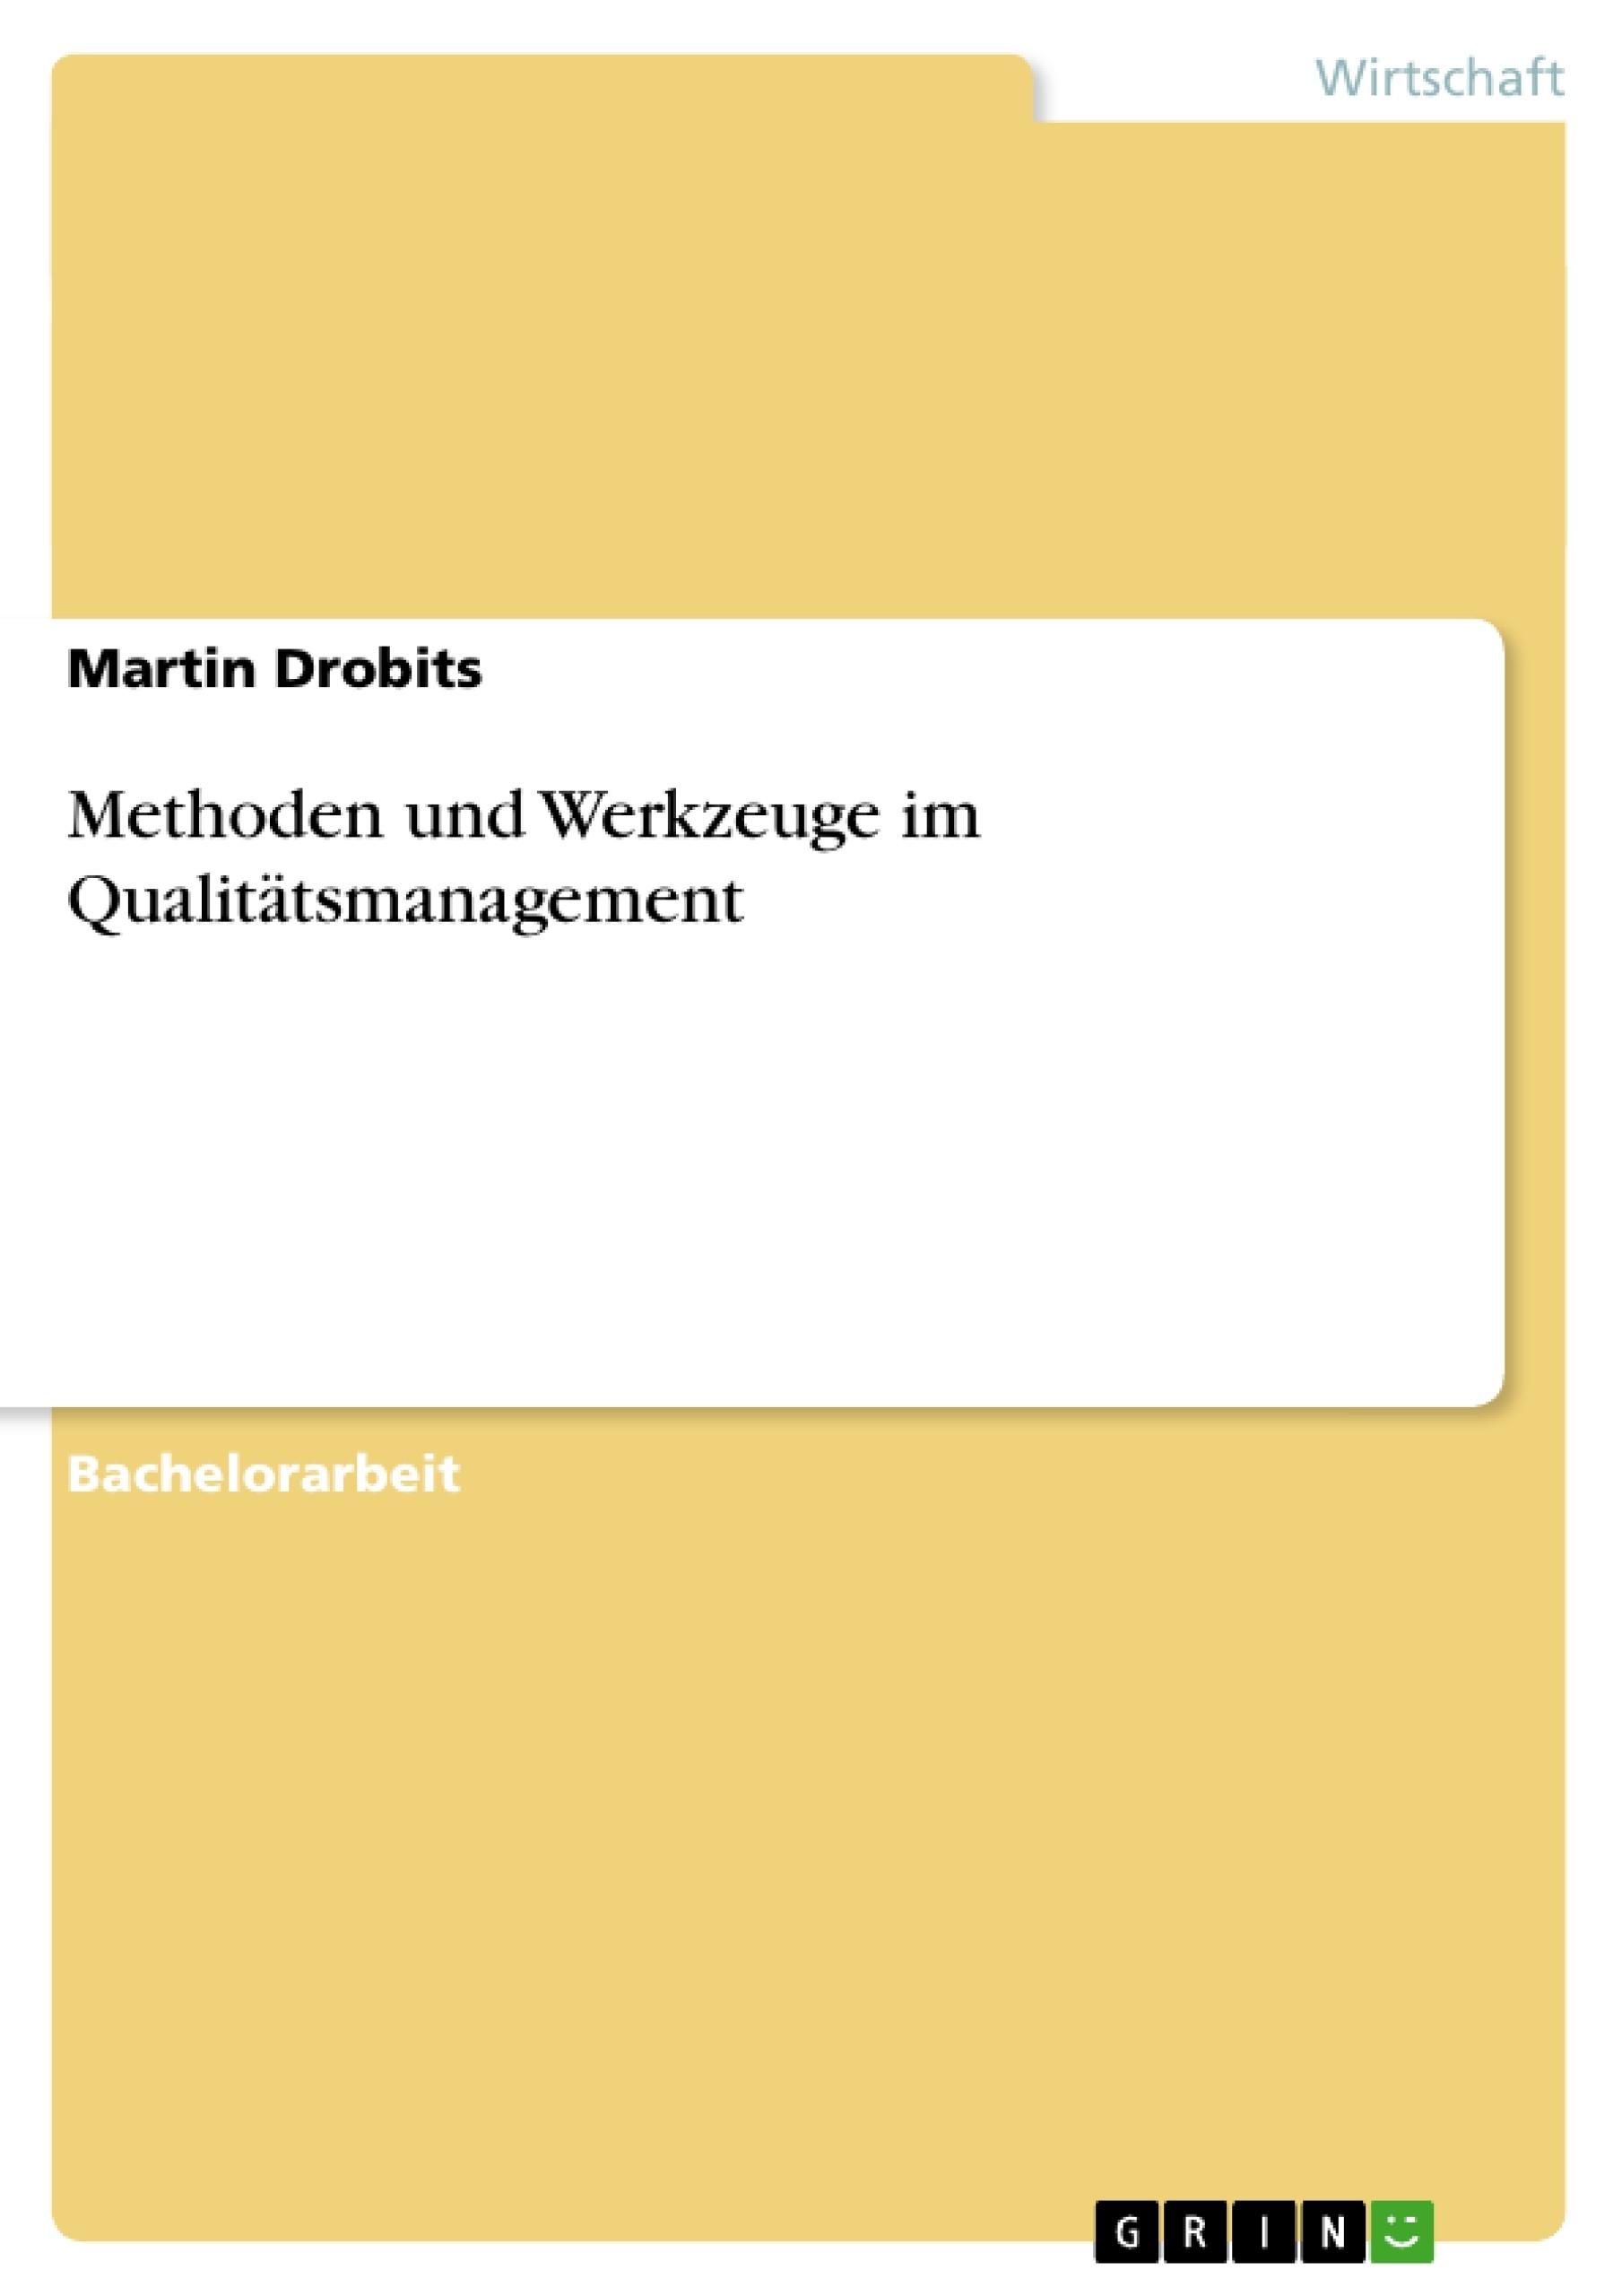 Titel: Methoden und Werkzeuge im Qualitätsmanagement